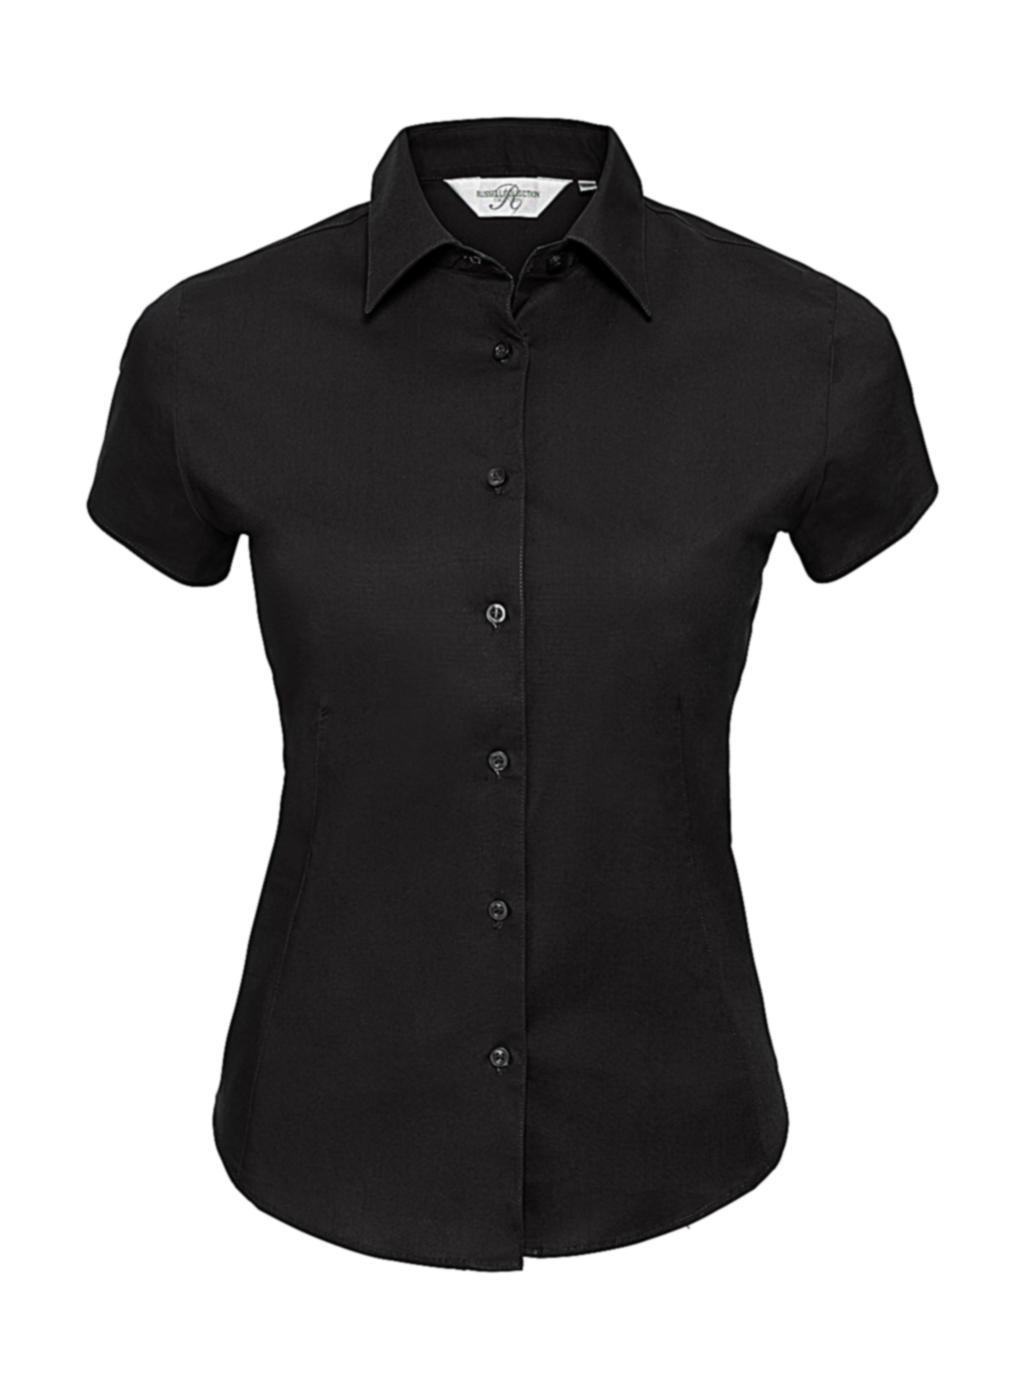 Dámská košile s krátkým rukávem - zvìtšit obrázek